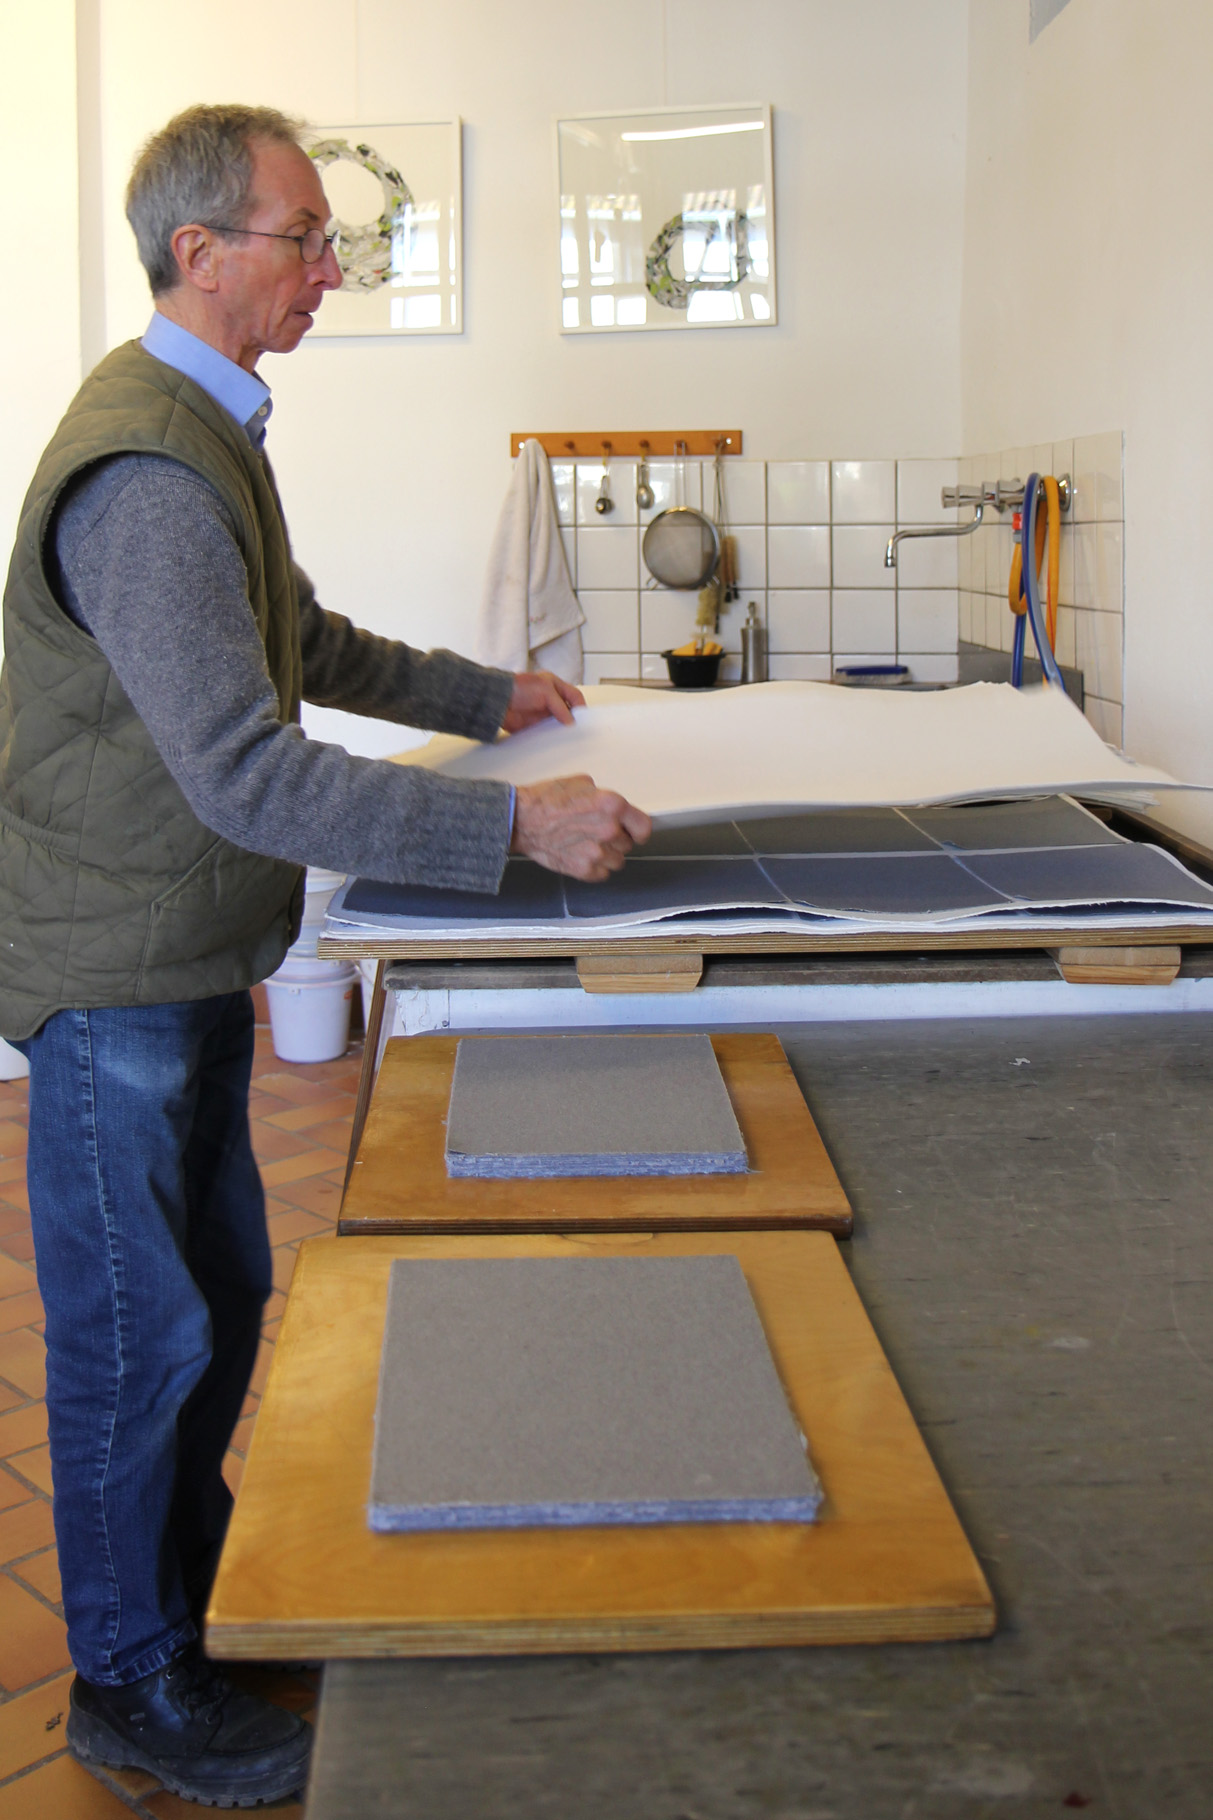 John Gerard legt die gepressten Bogen zwischen Löschblätter, wo sie etliche Tage lang trocknen